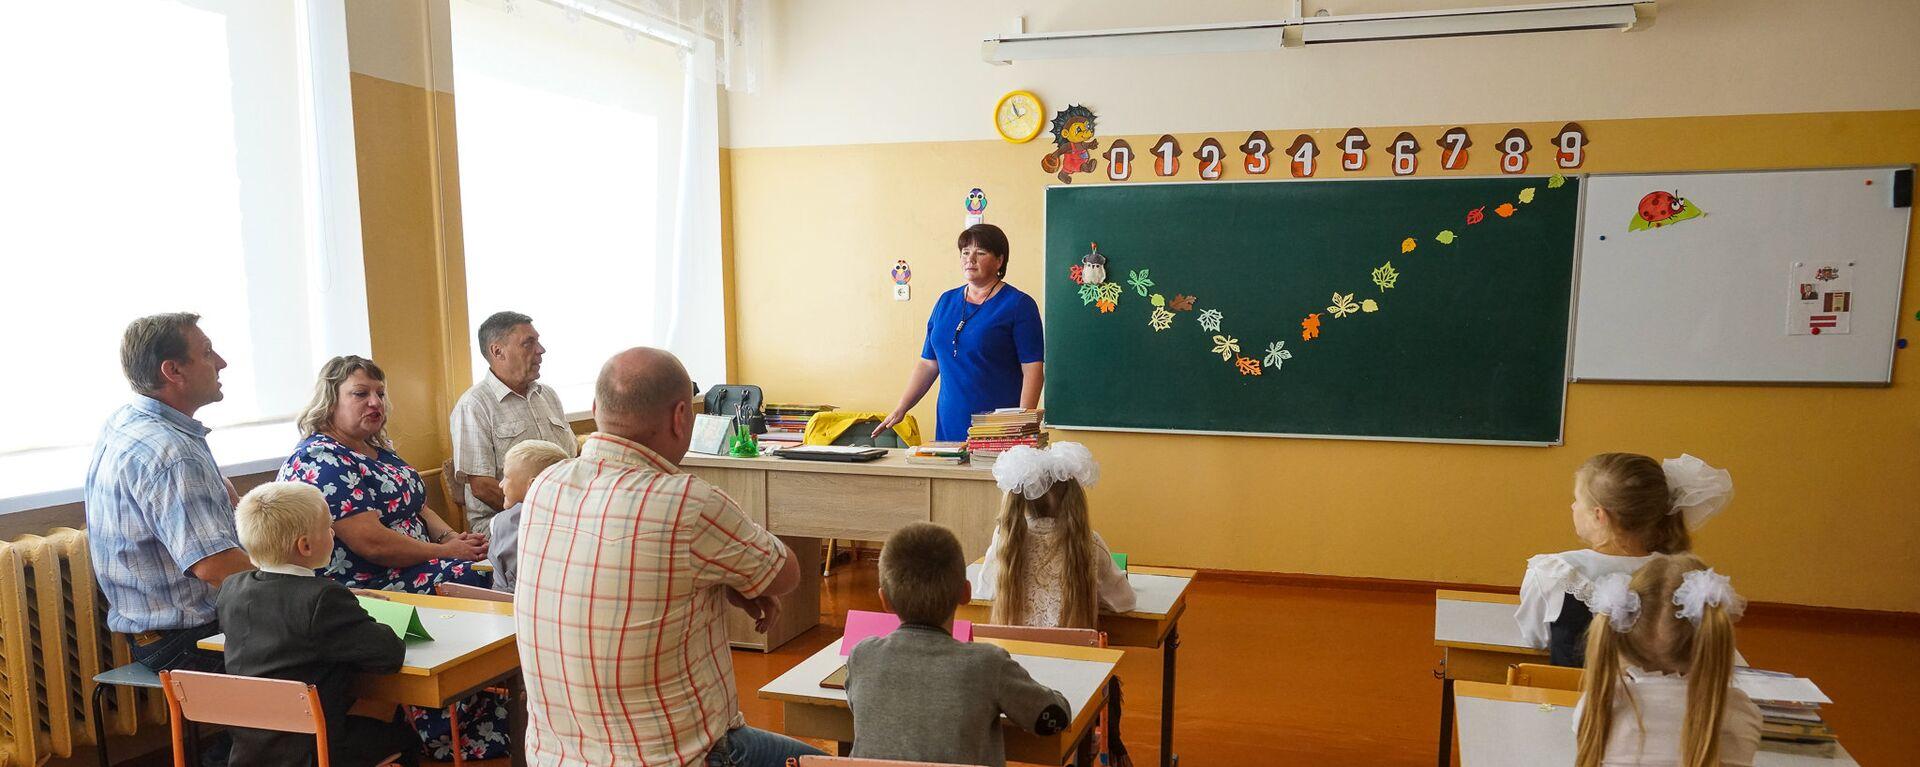 Первый и второй классы занимаются вместе. А места хватает даже родителям!  - Sputnik Латвия, 1920, 28.06.2021